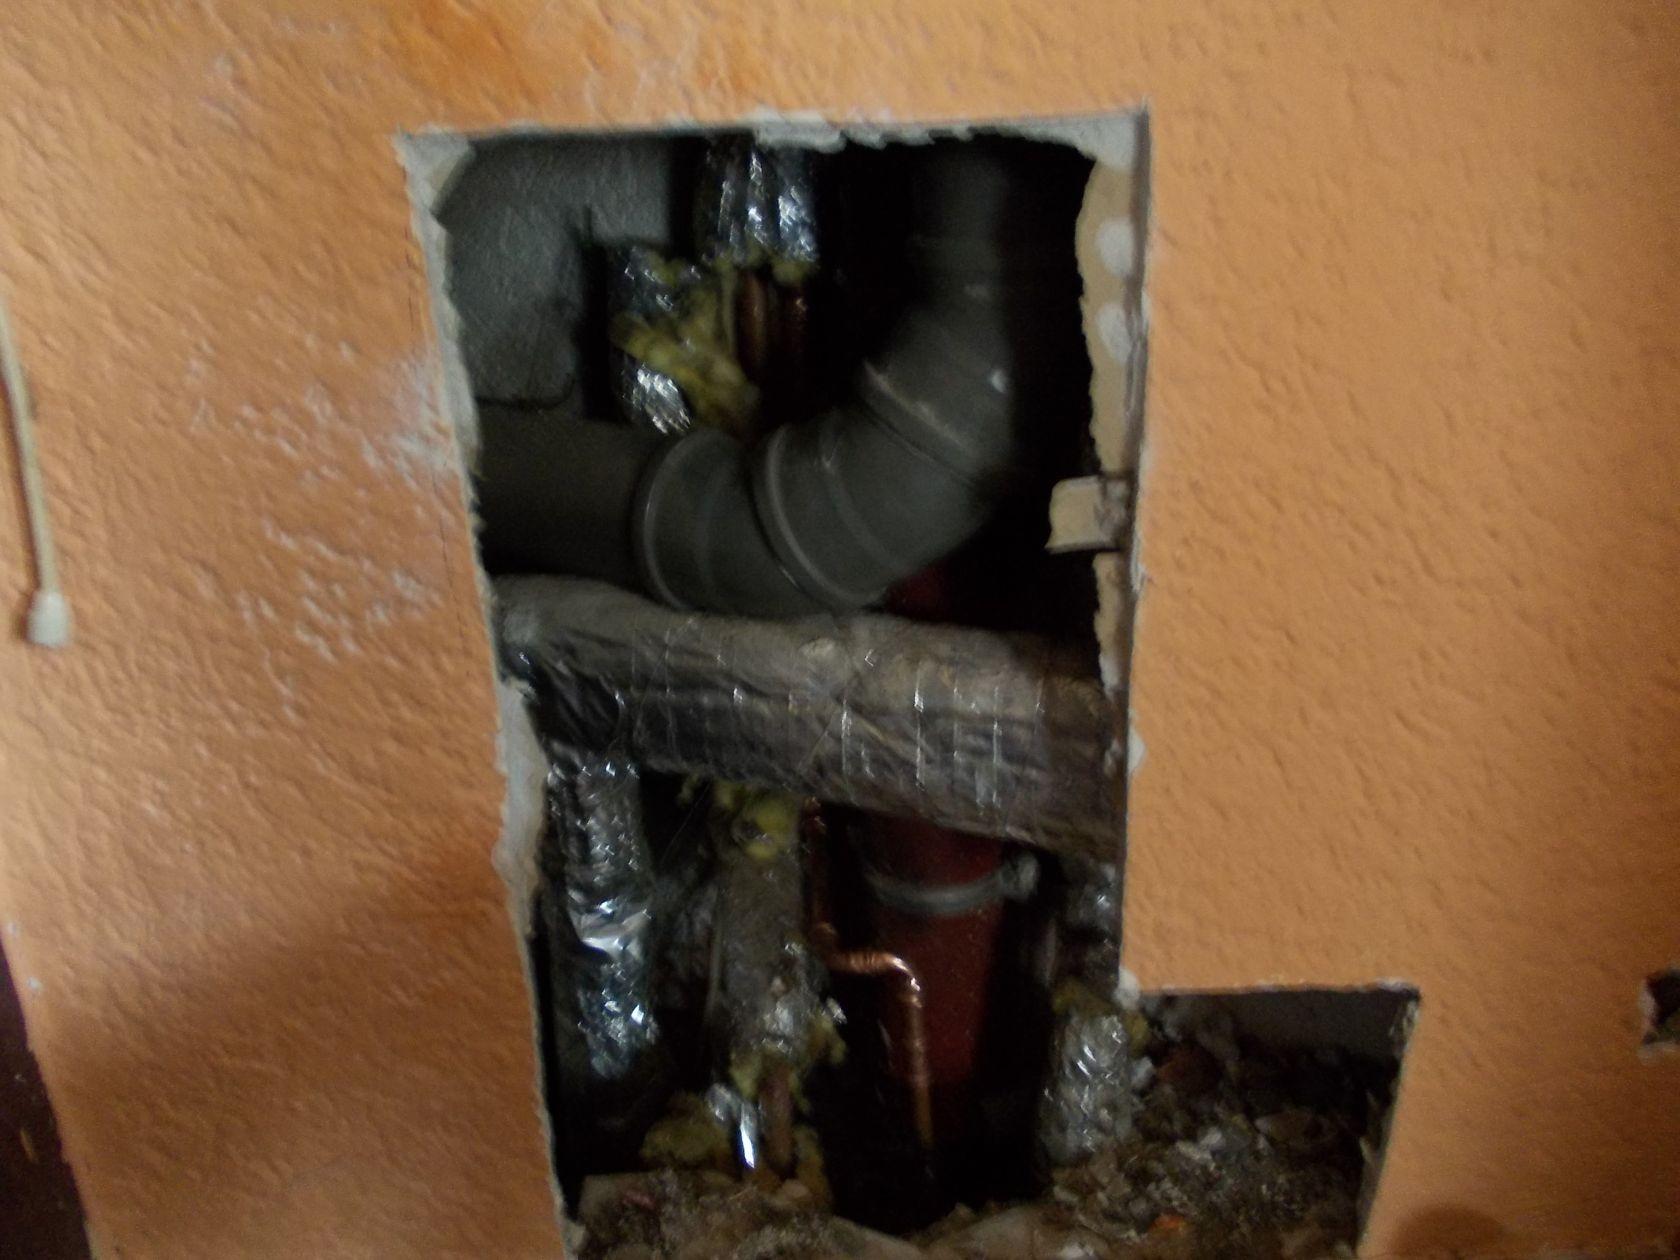 heidelberg defekte warmwasserleitung aus kupfer zum thema warmwasserleitung kupferrohr. Black Bedroom Furniture Sets. Home Design Ideas